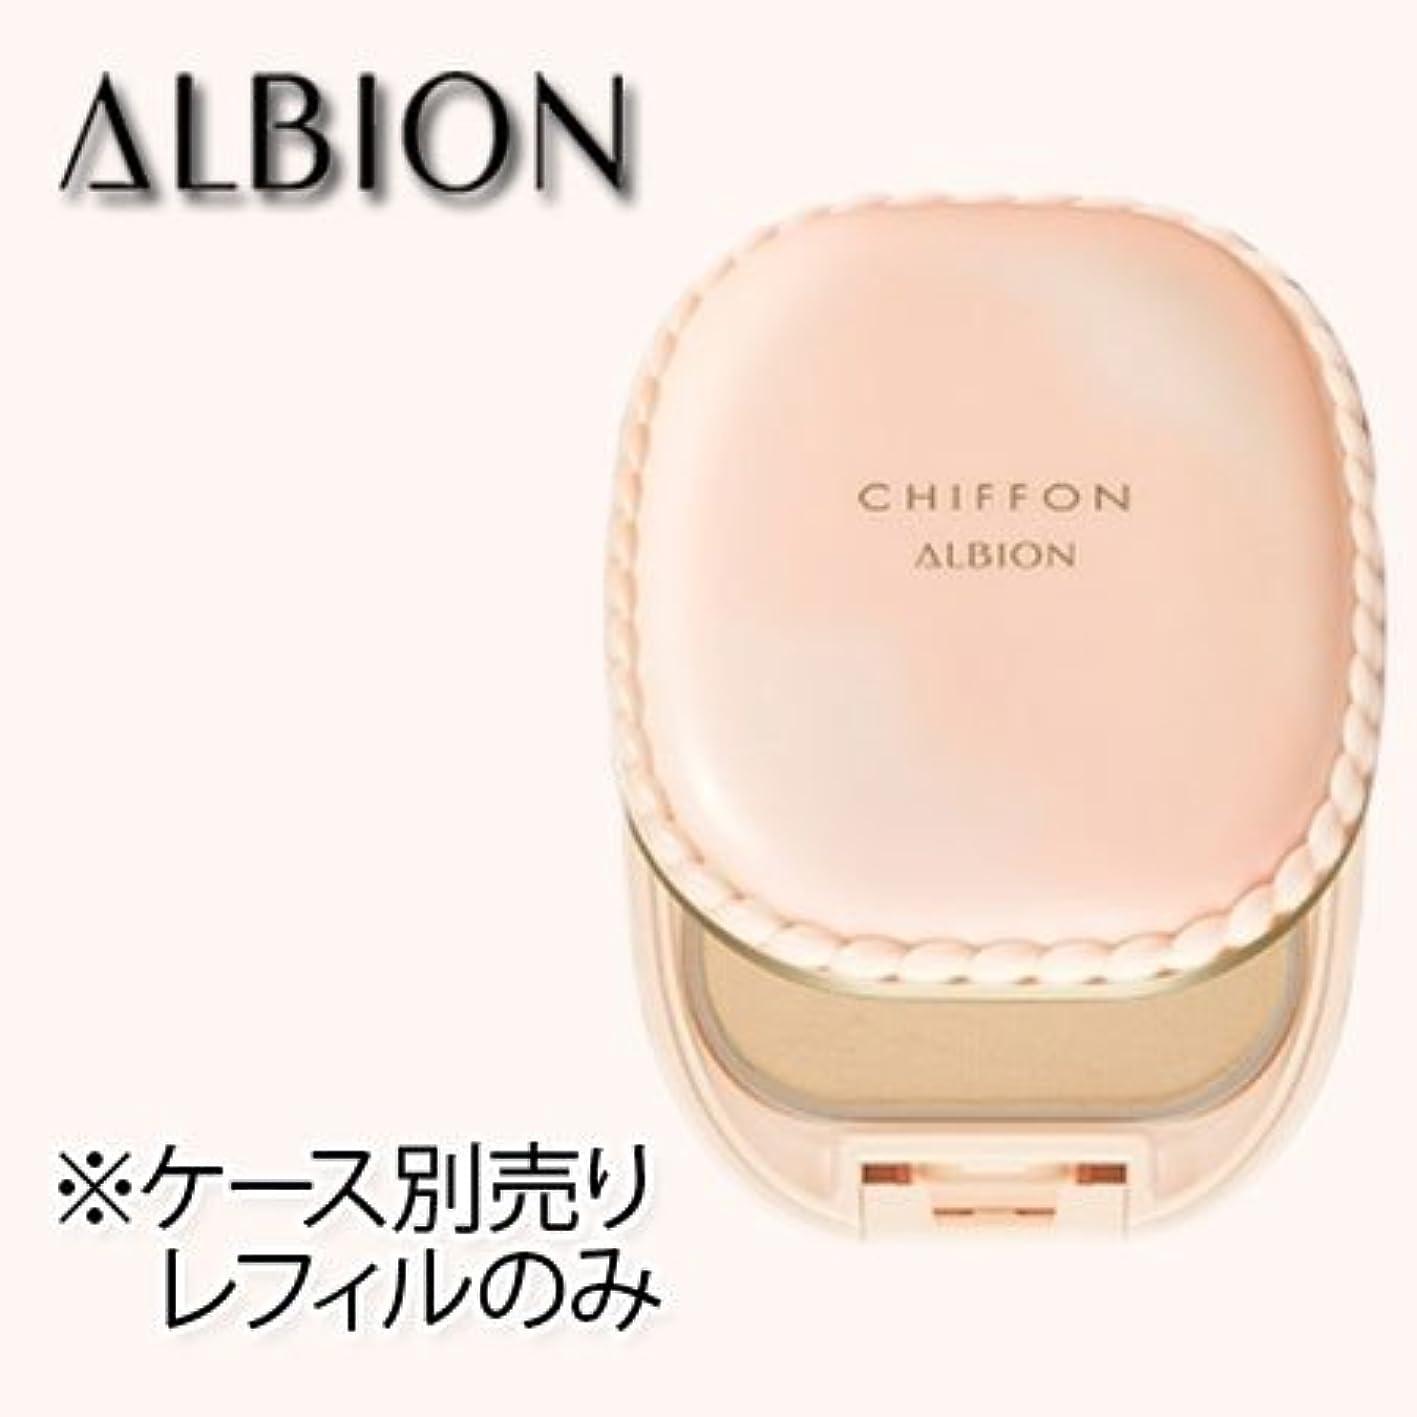 フルーティーレイ黒アルビオン スウィート モイスチュア シフォン (レフィル) 10g 6色 SPF22 PA++-ALBION- 050